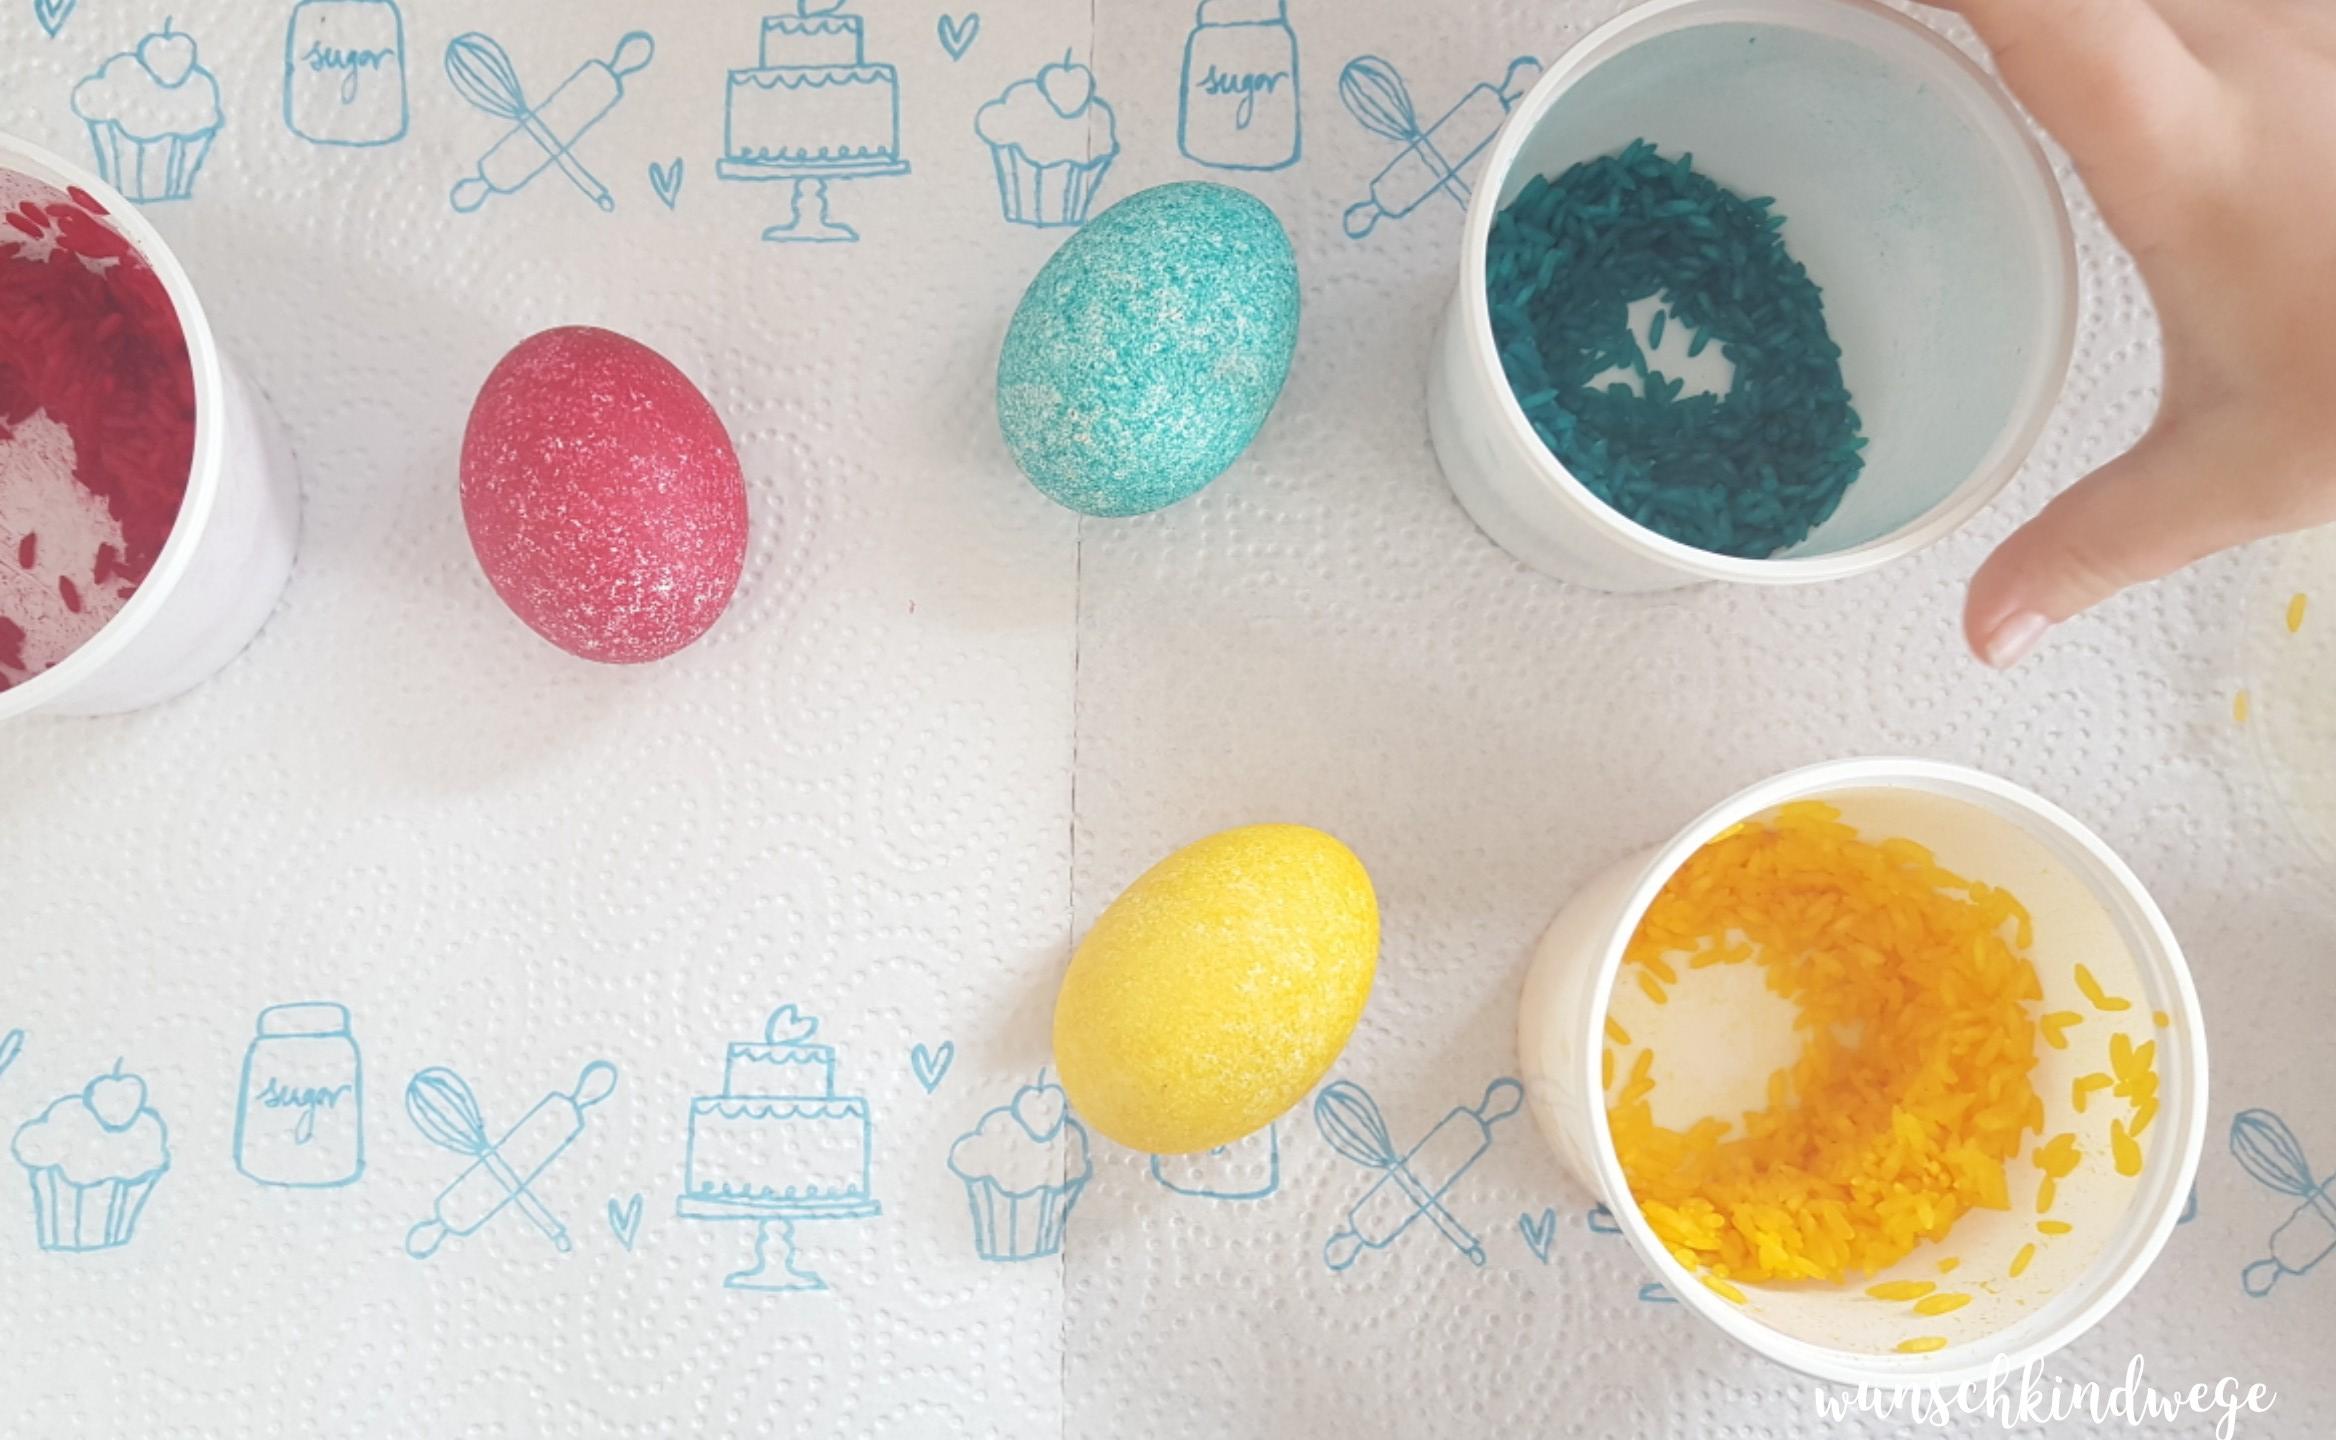 Osterwochenende in Bildern: Eierfärben mit Reis